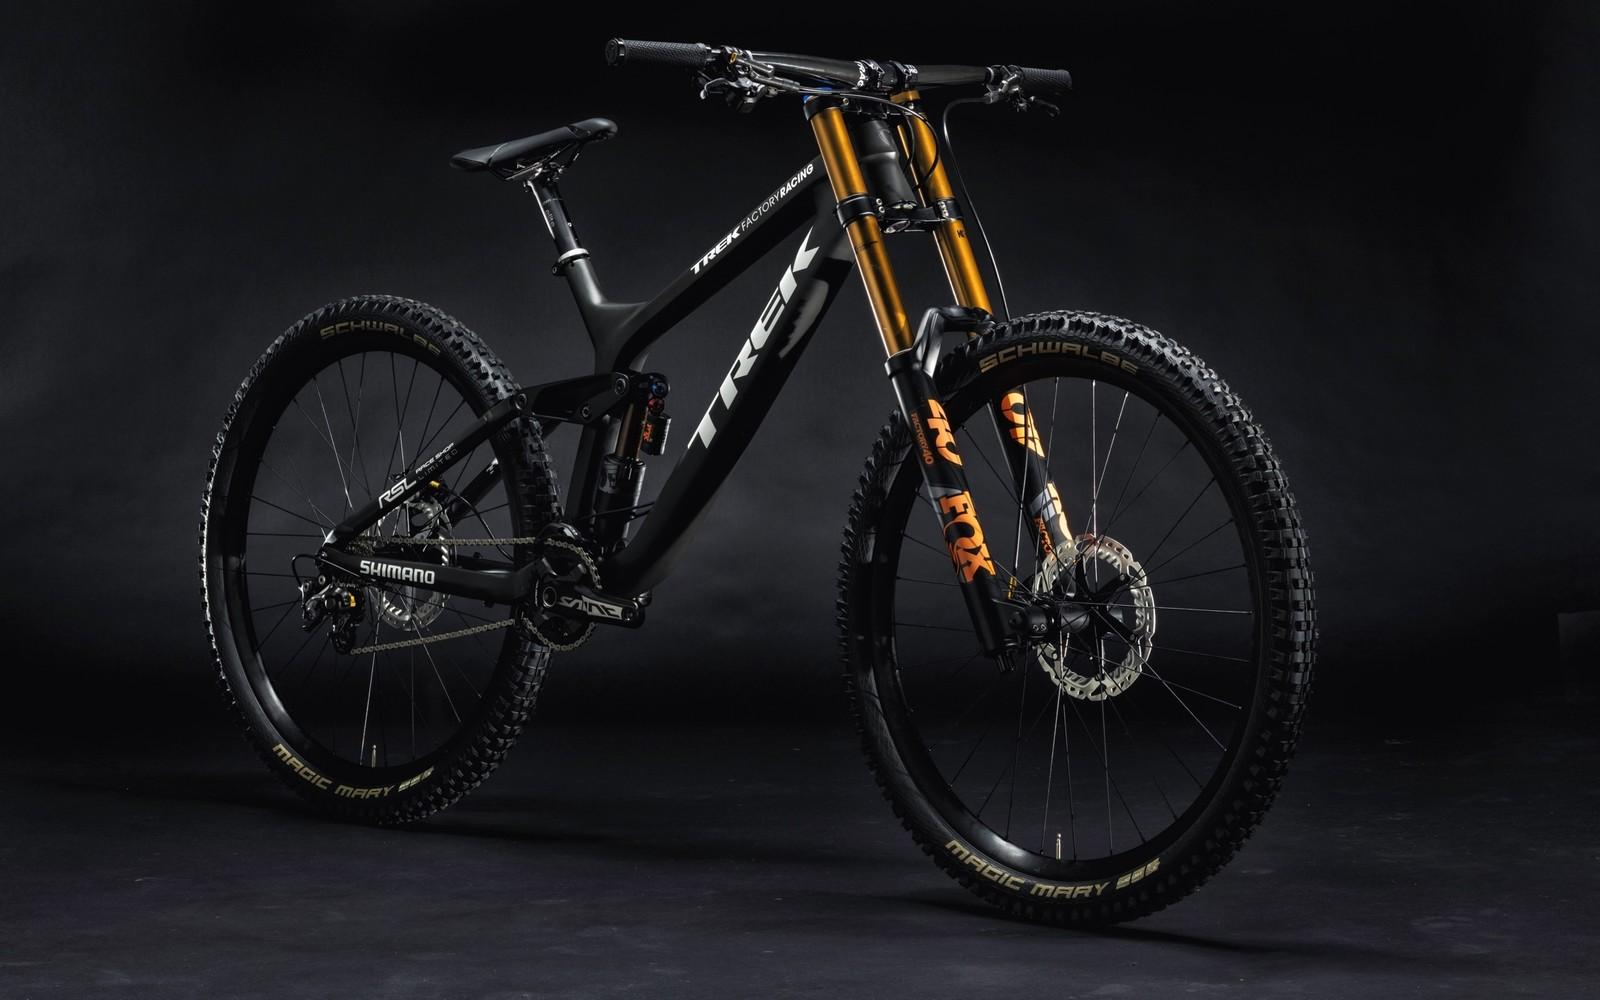 new trek bikes 2020 - HD1600×1000